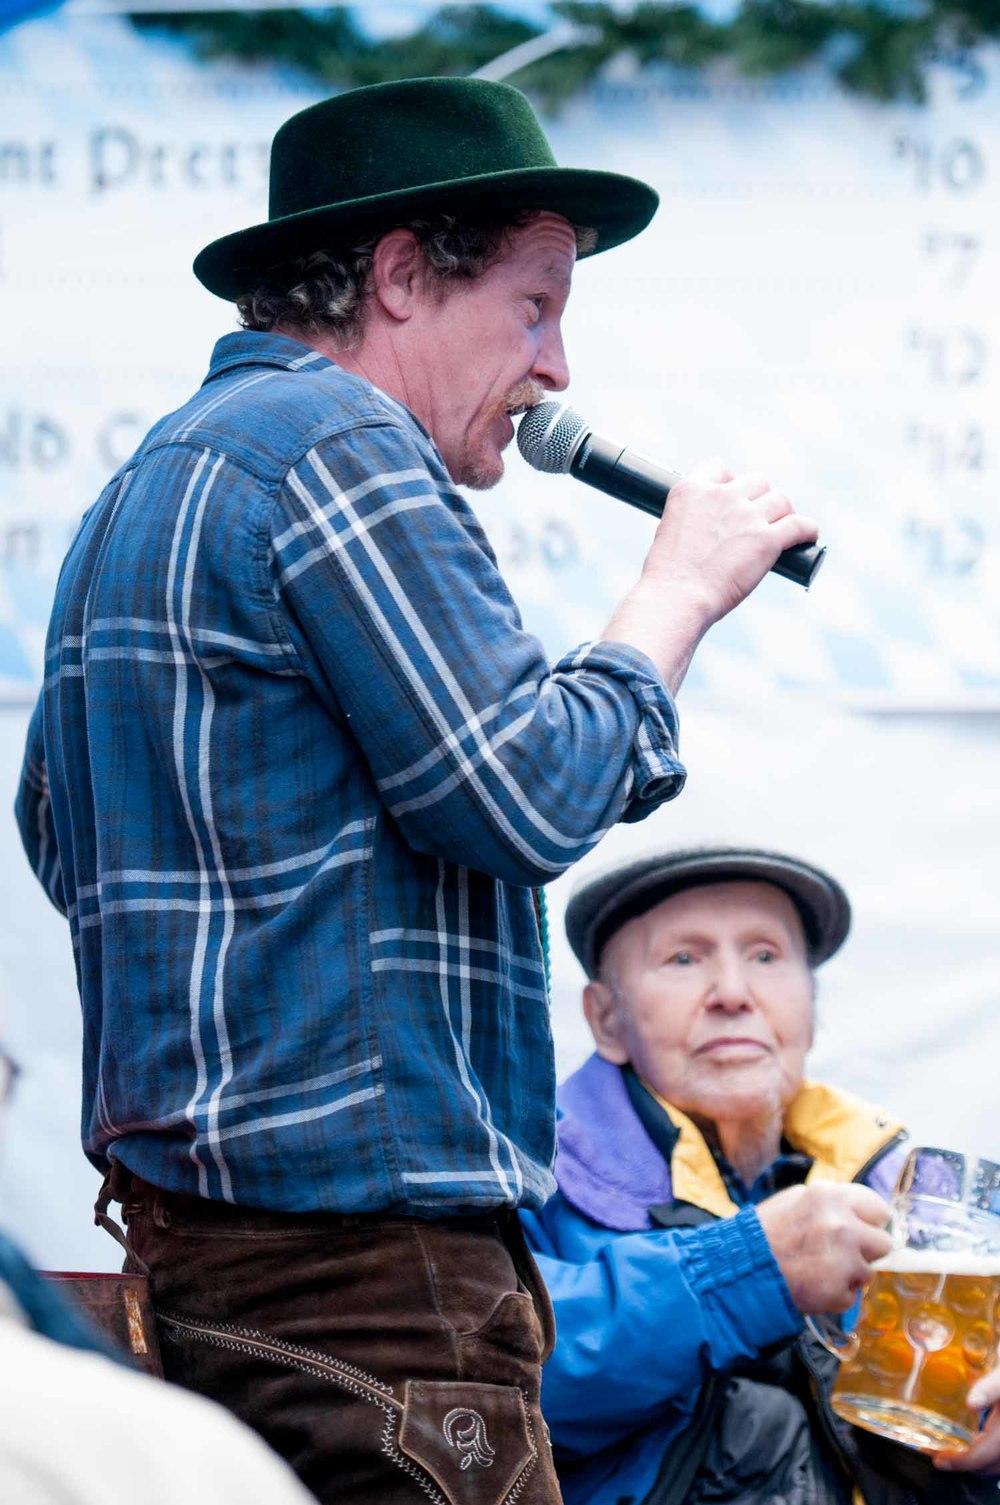 zum-schneider-nyc-2014-oktoberfest-munich-east-river-3127.jpg